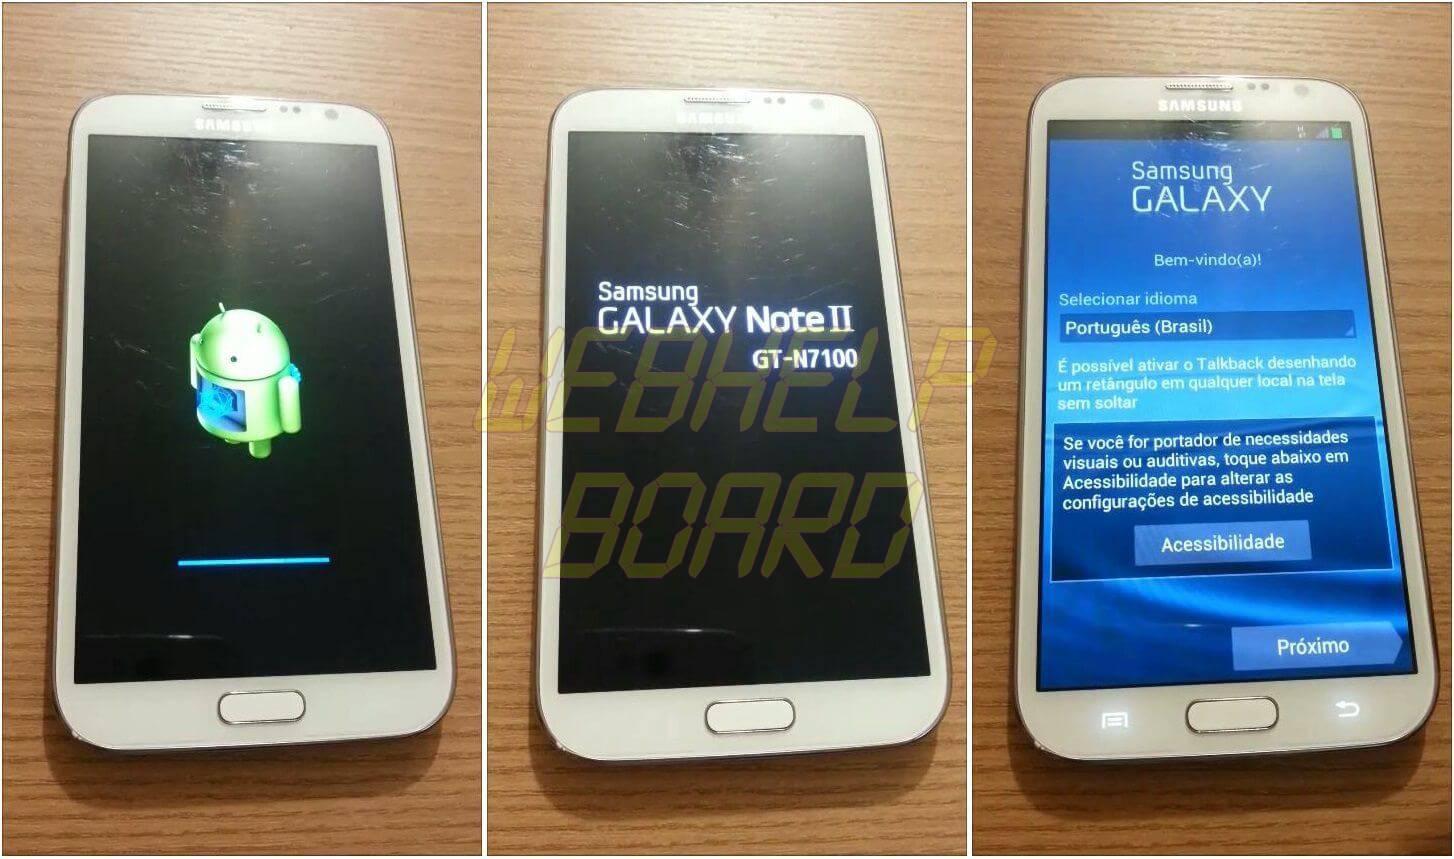 SoftReset1 48115 horz seq3 - Vendeu o celular? Aprenda a voltar ao padrão de fábrica no Android